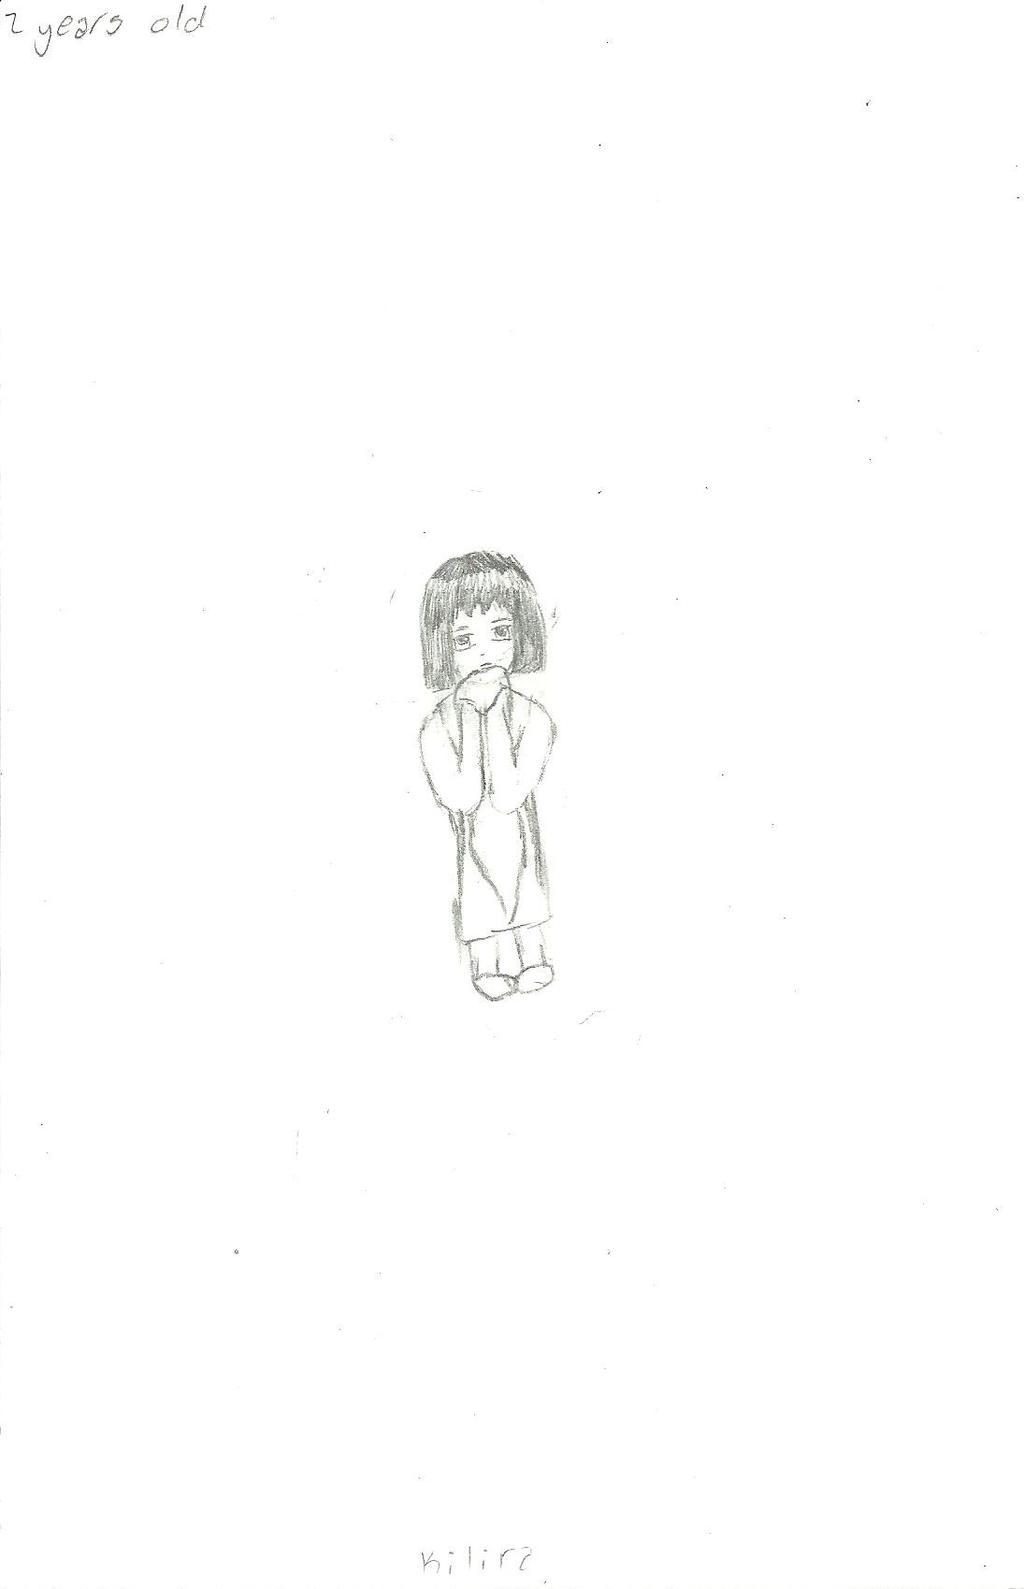 Kilira (2 years old) by Ahtilak